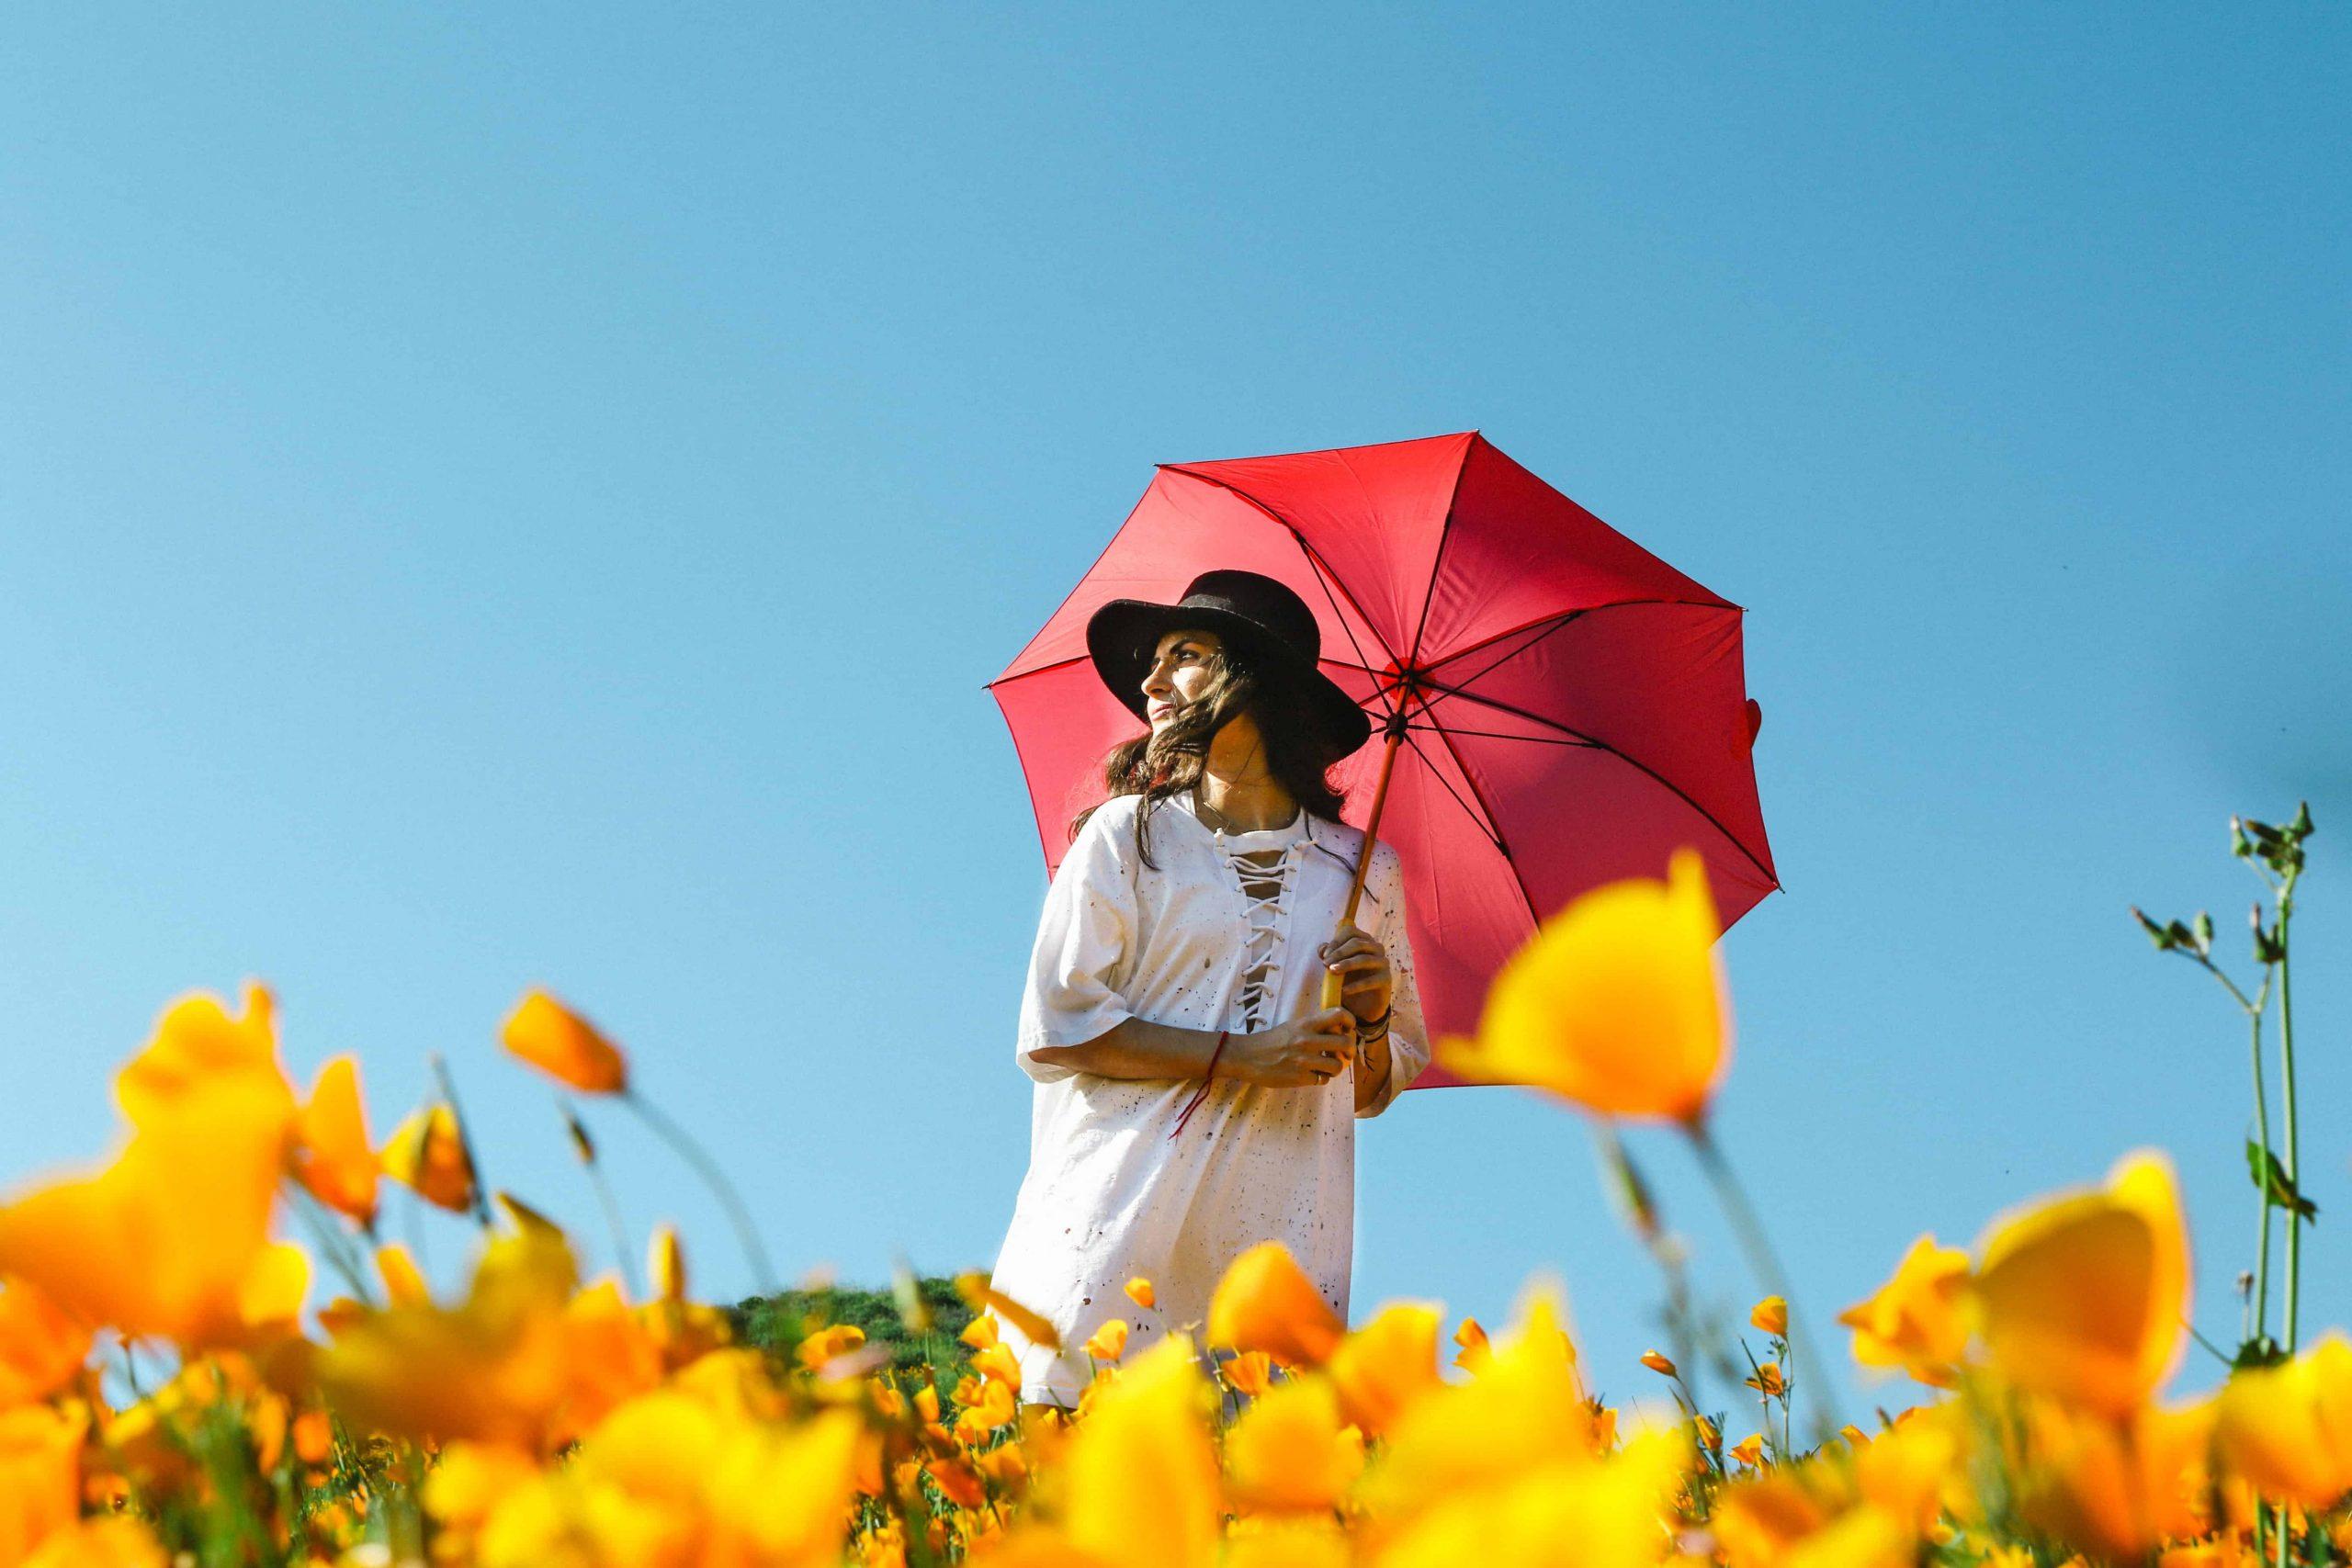 Sonnenschirm: Test & Empfehlungen (03/21)